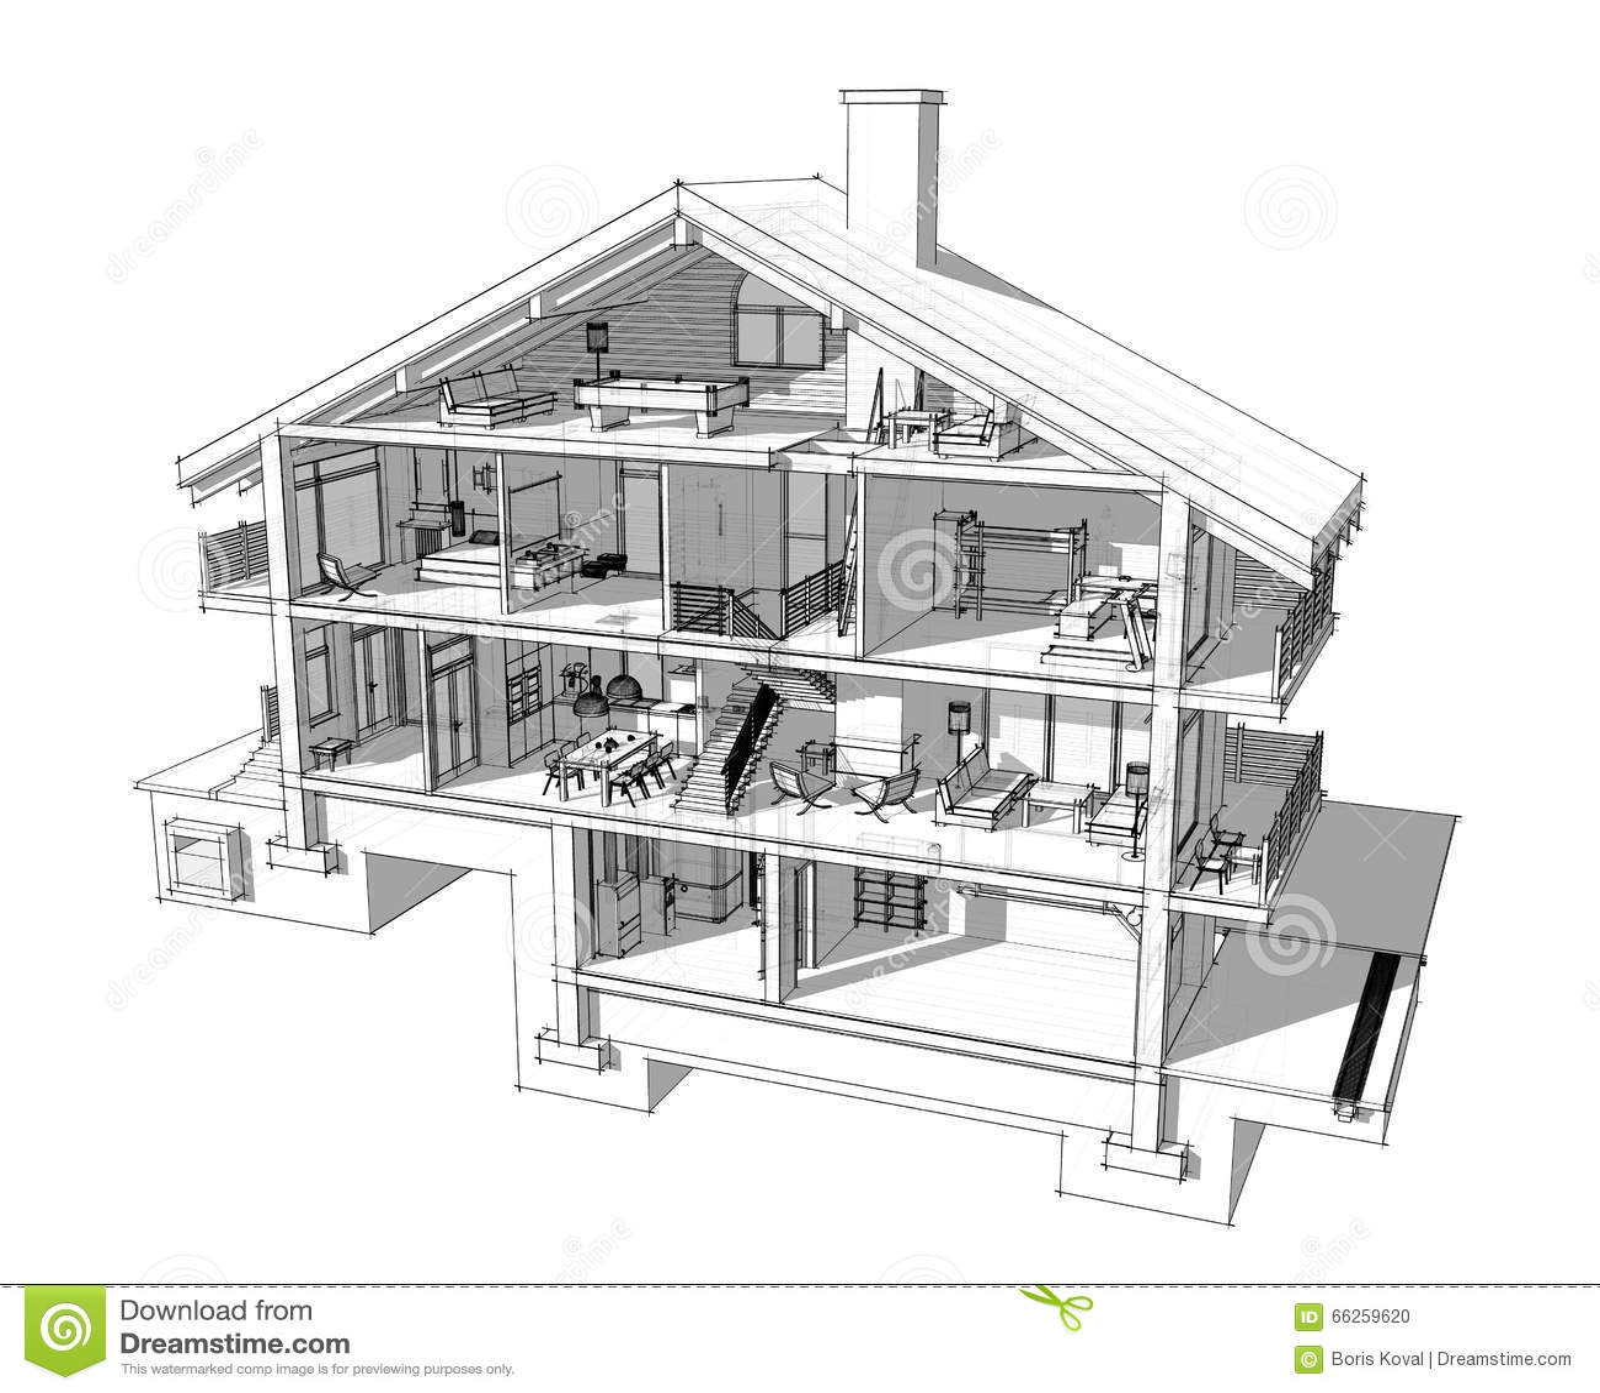 Se tagliamo una casa a met vederemo come stanze suddivise - Progetti per la casa ...